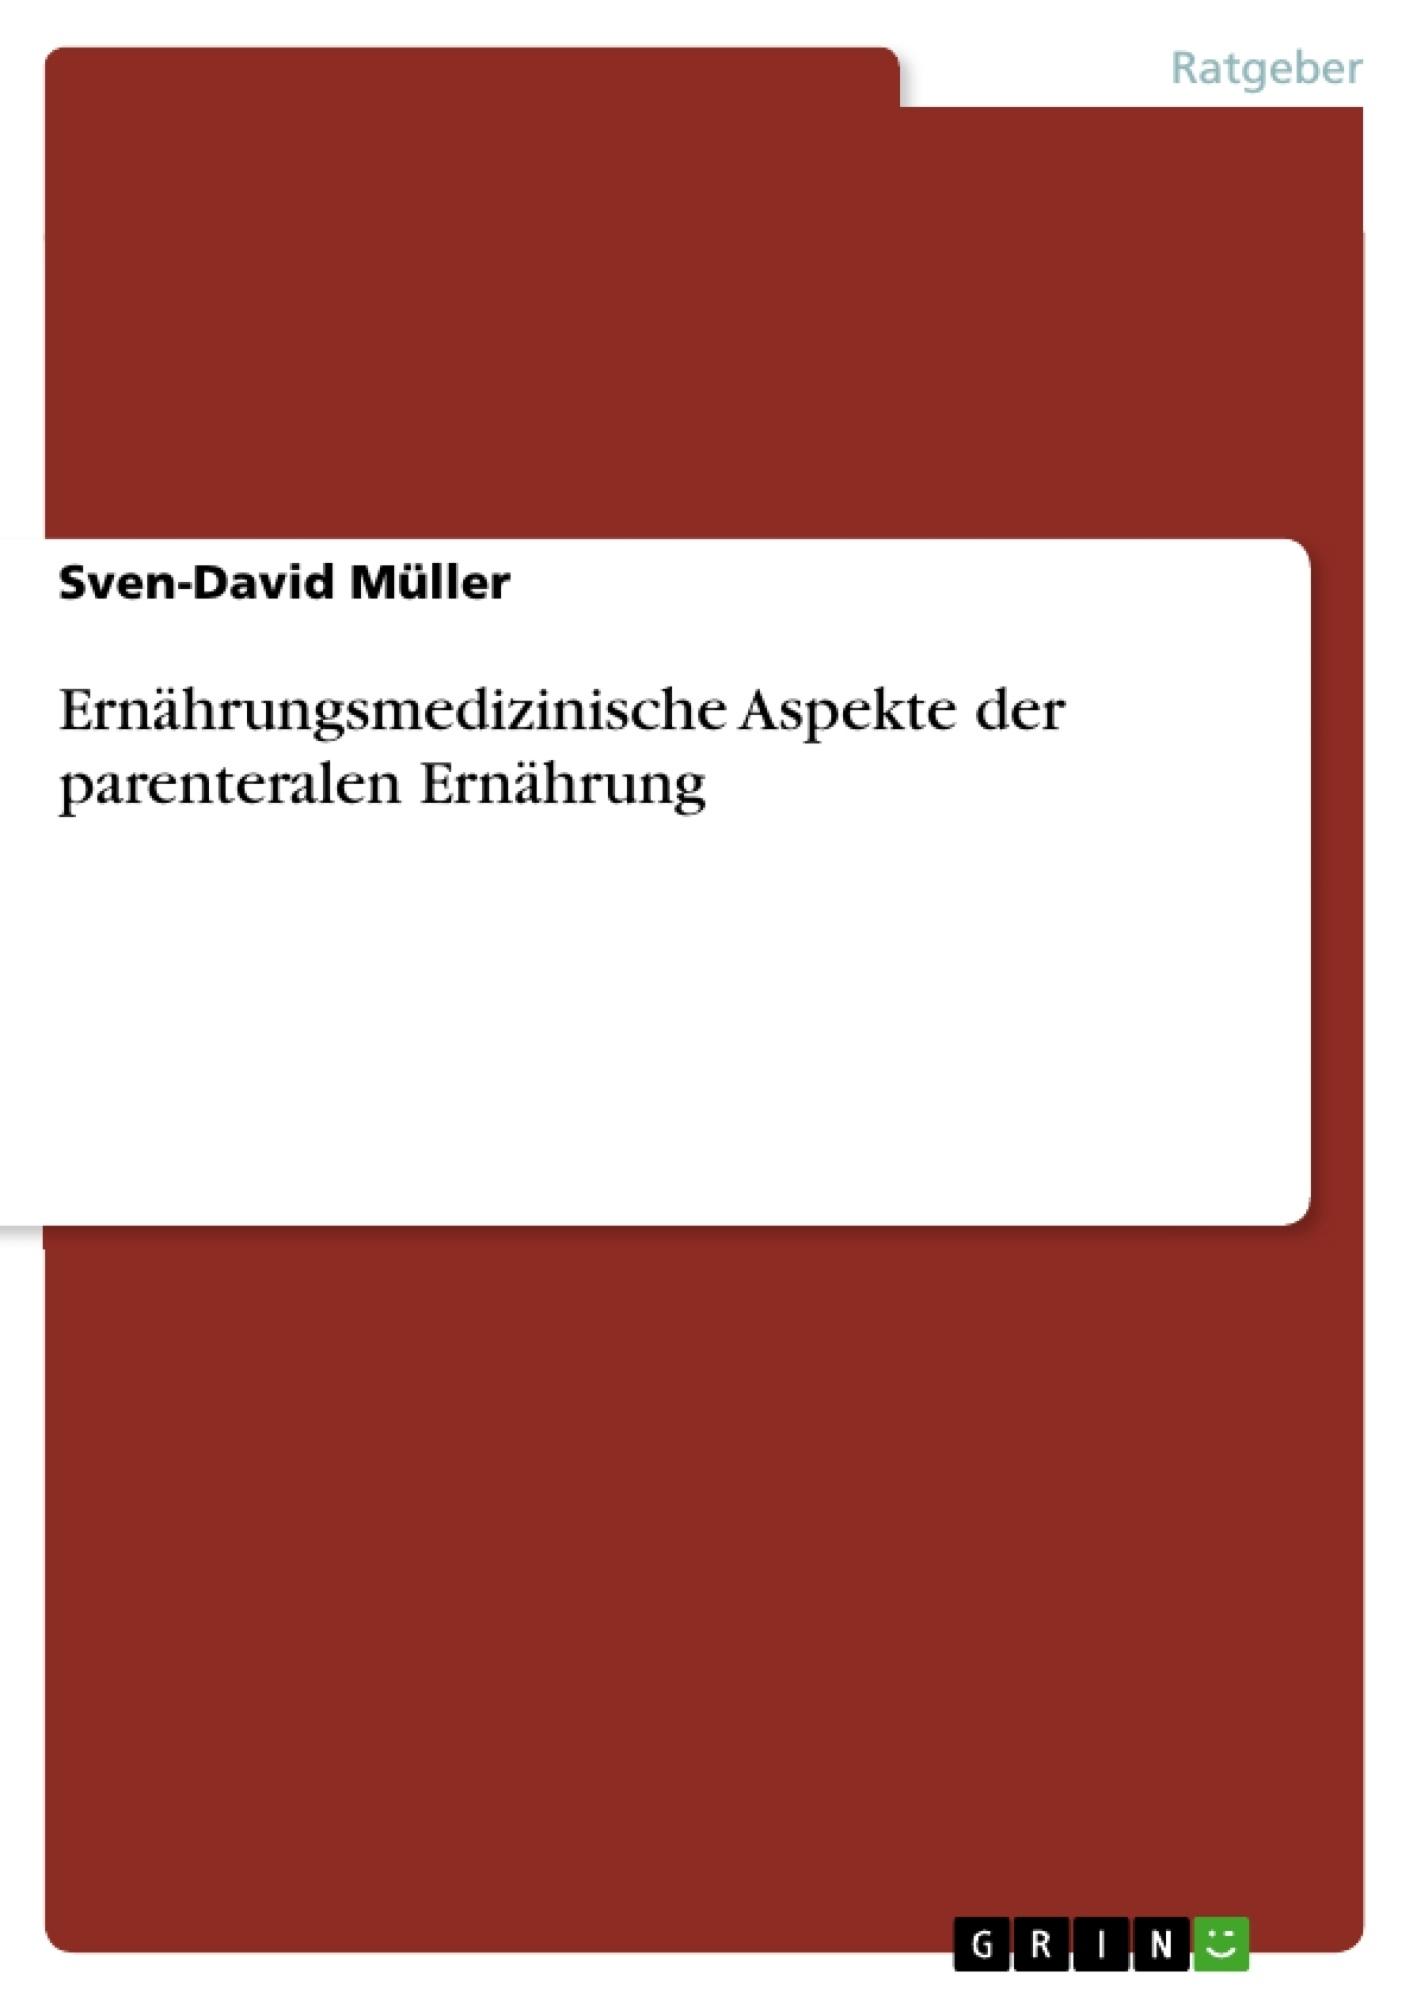 Titel: Ernährungsmedizinische Aspekte der parenteralen Ernährung